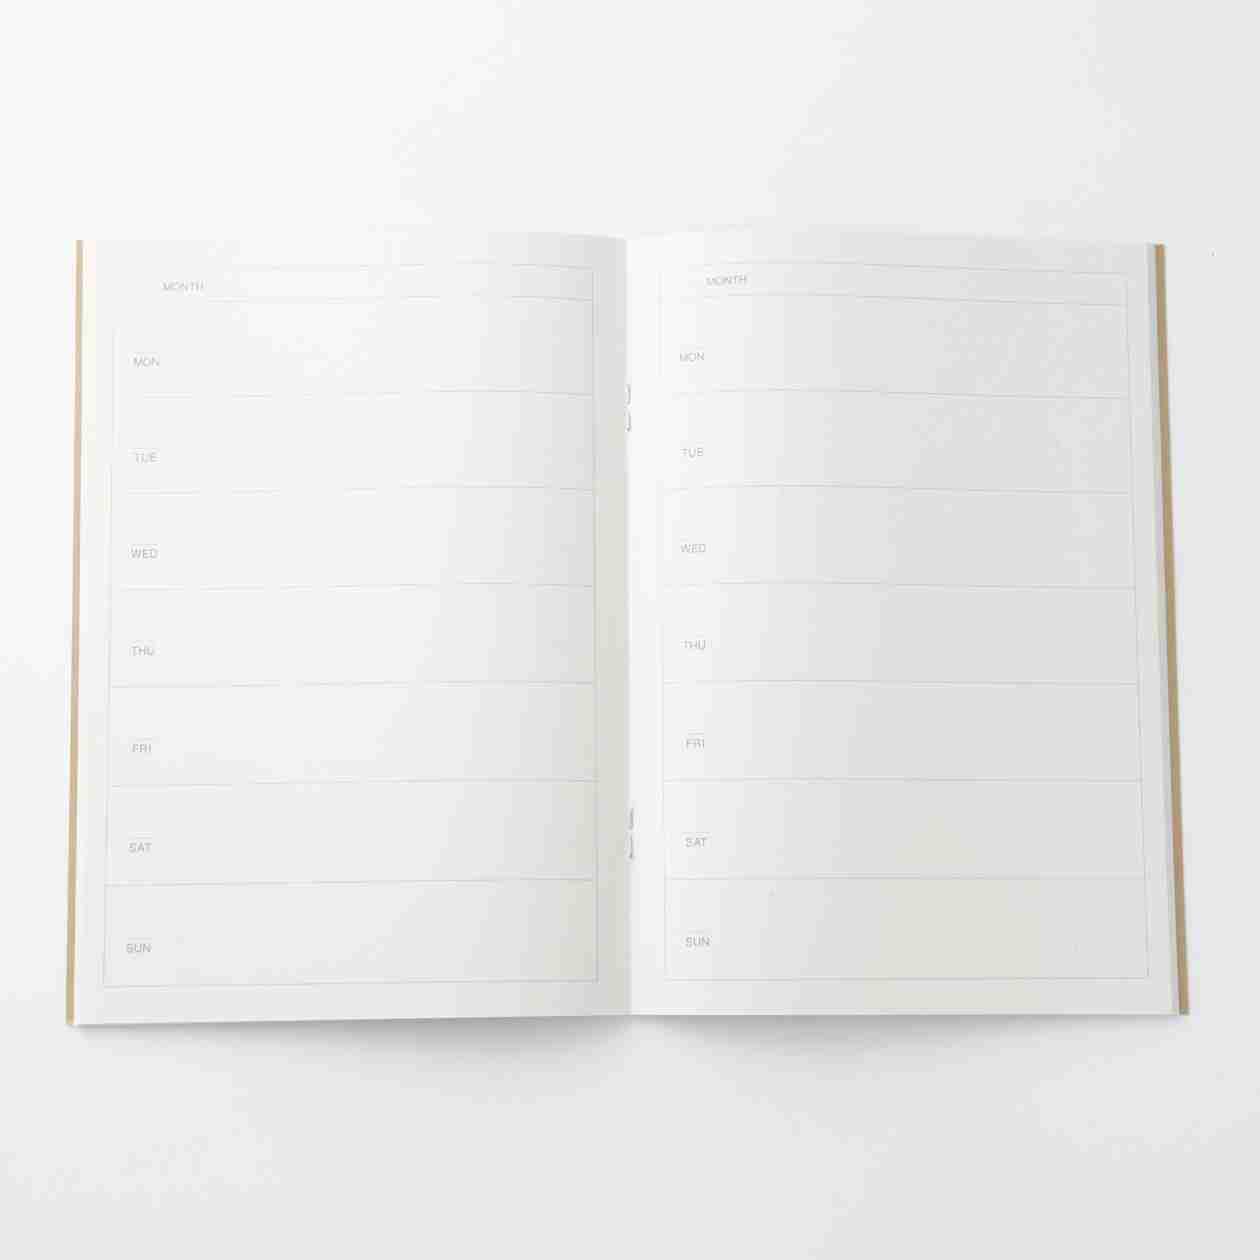 ほぼ日手帳(おすすめや使い方)